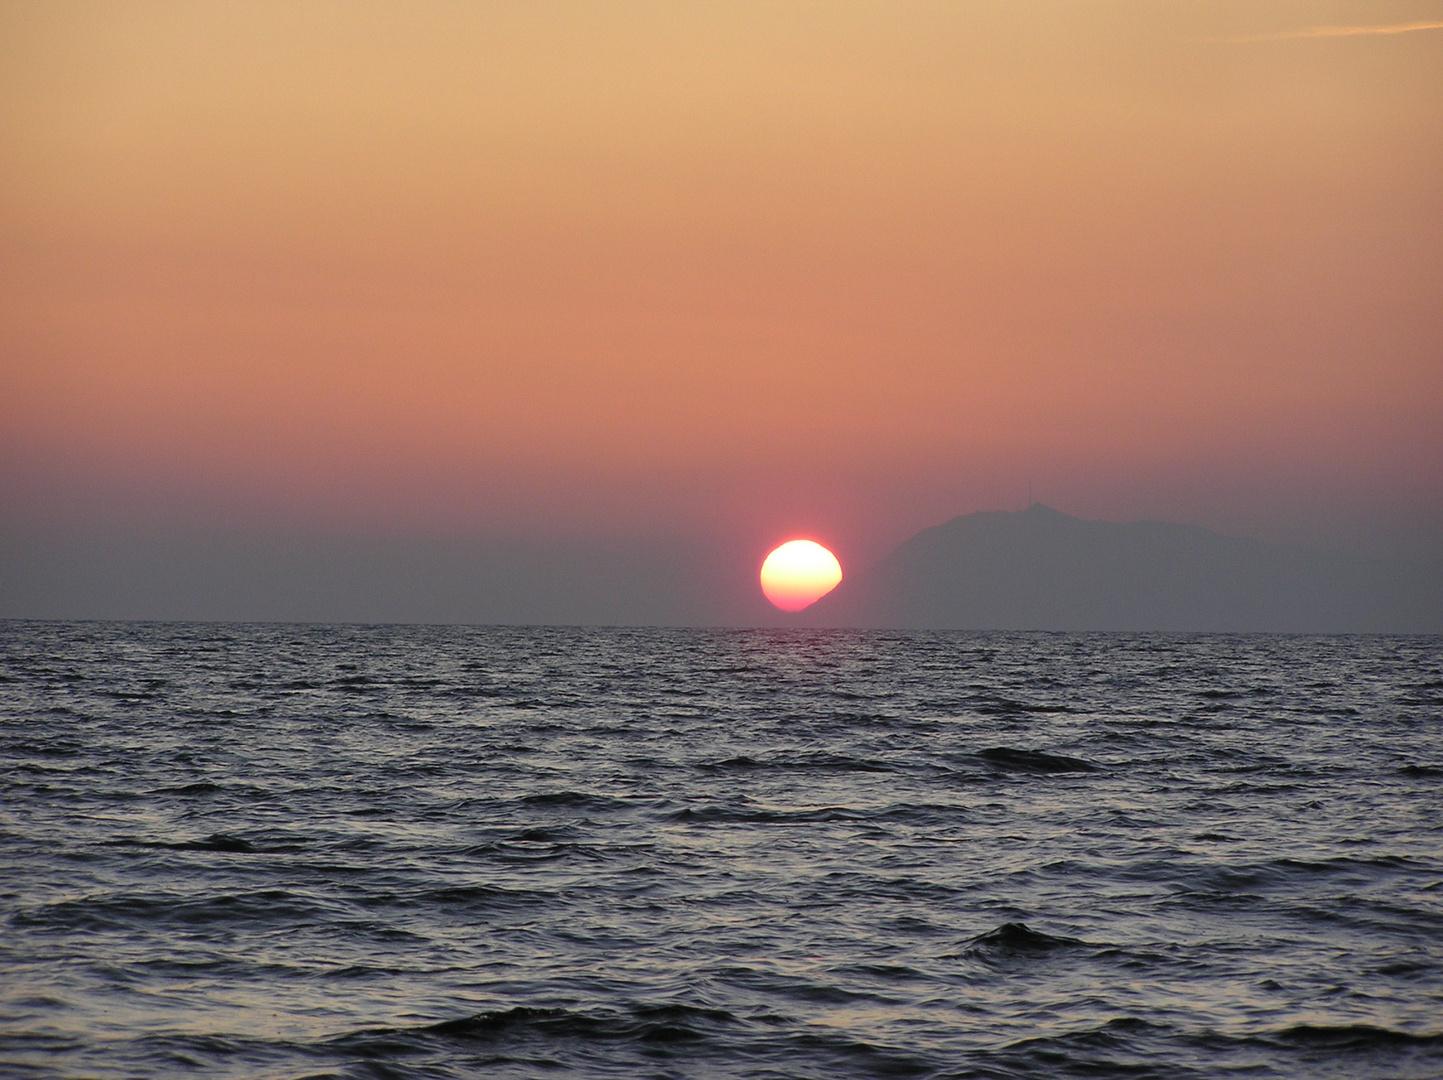 soleil qui va se coucher...........